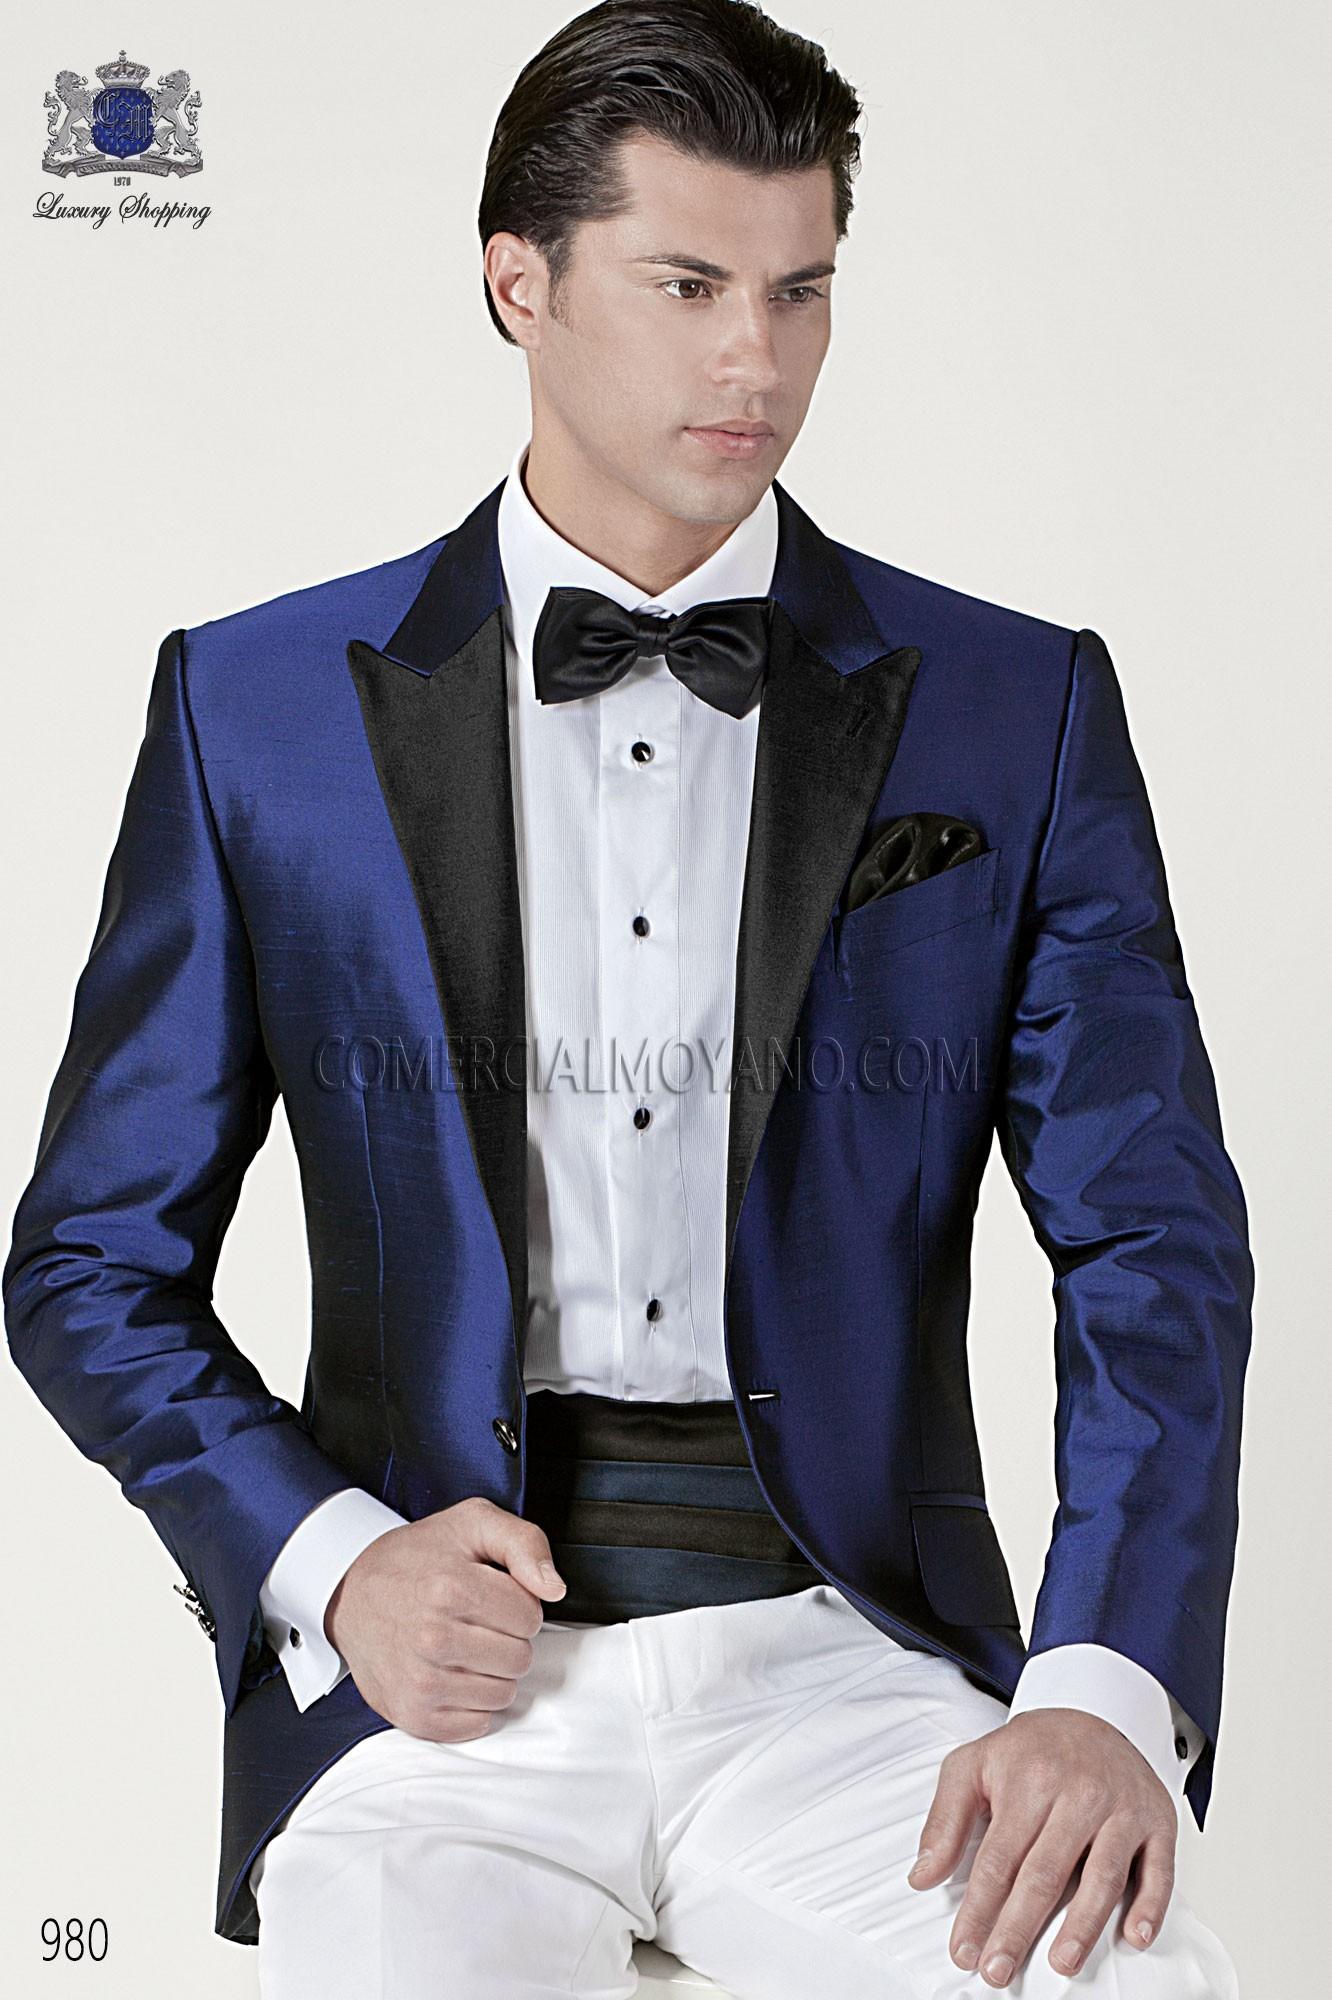 Traje de fiesta hombre azul modelo: 980 Ottavio Nuccio Gala colección Black Tie